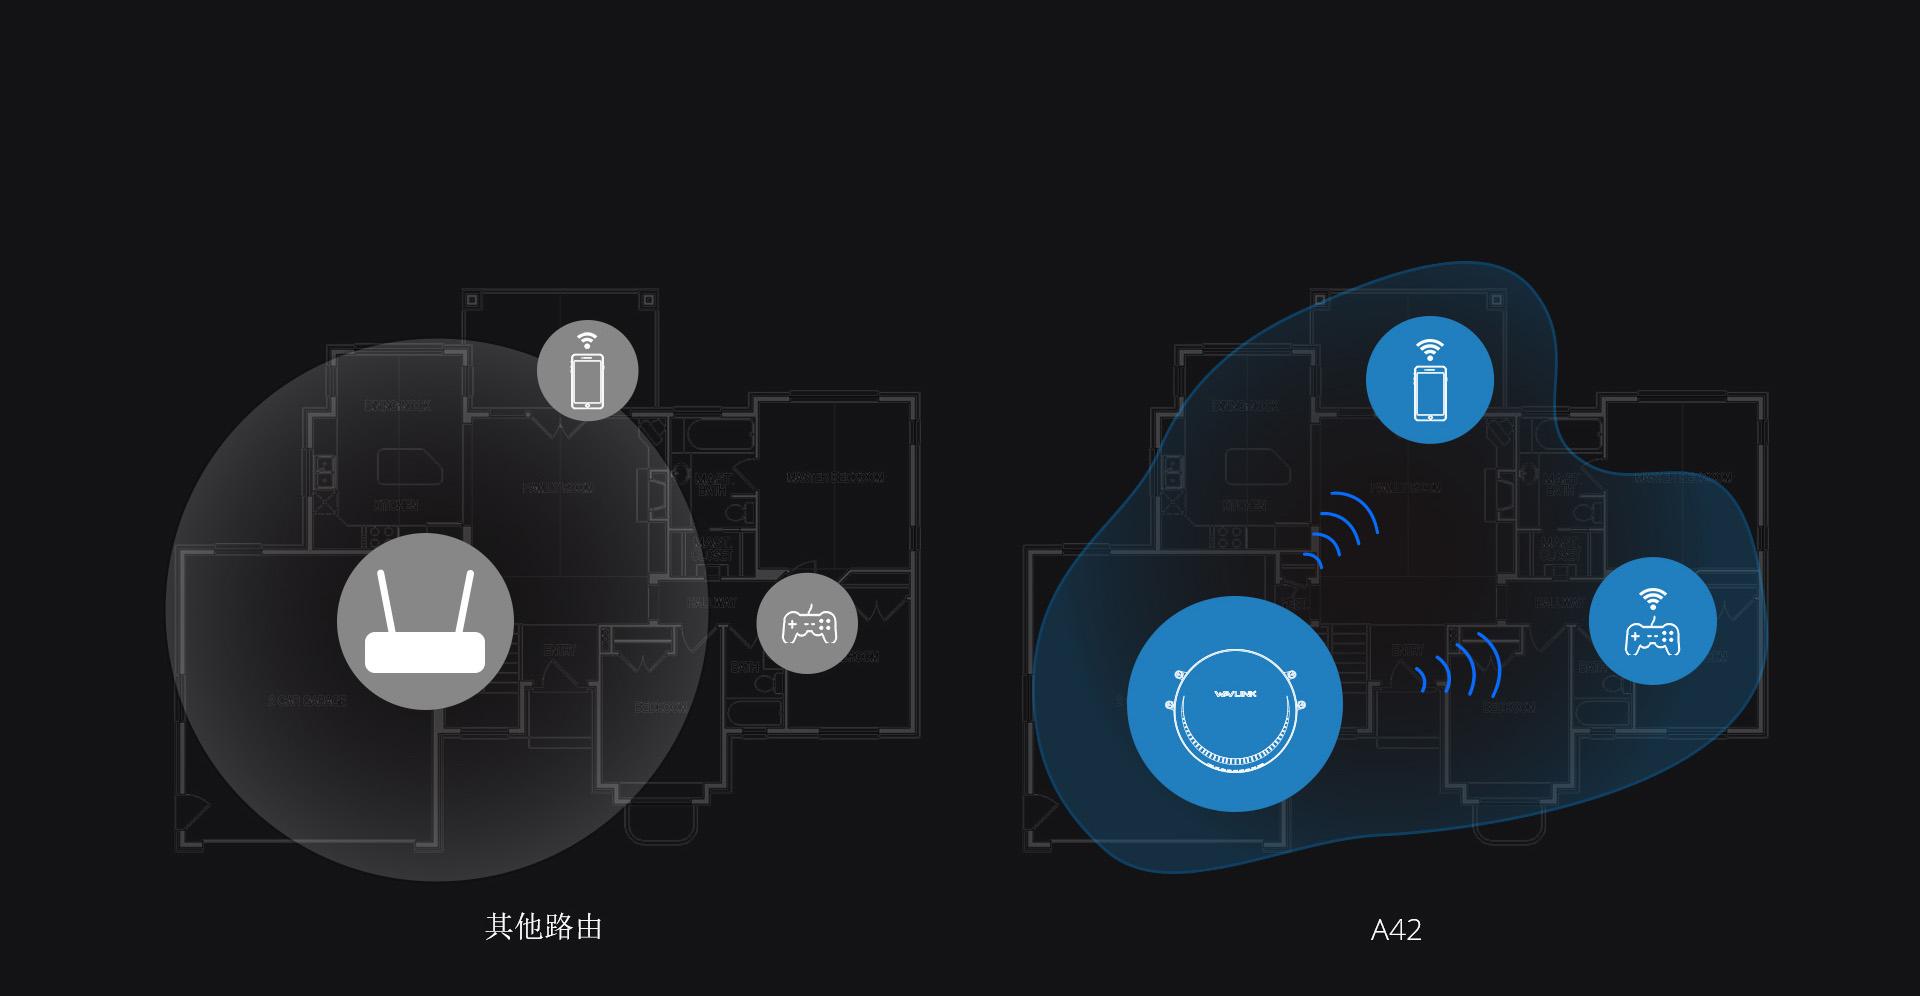 睿因A42,使用先进的波束成形技术增强信号